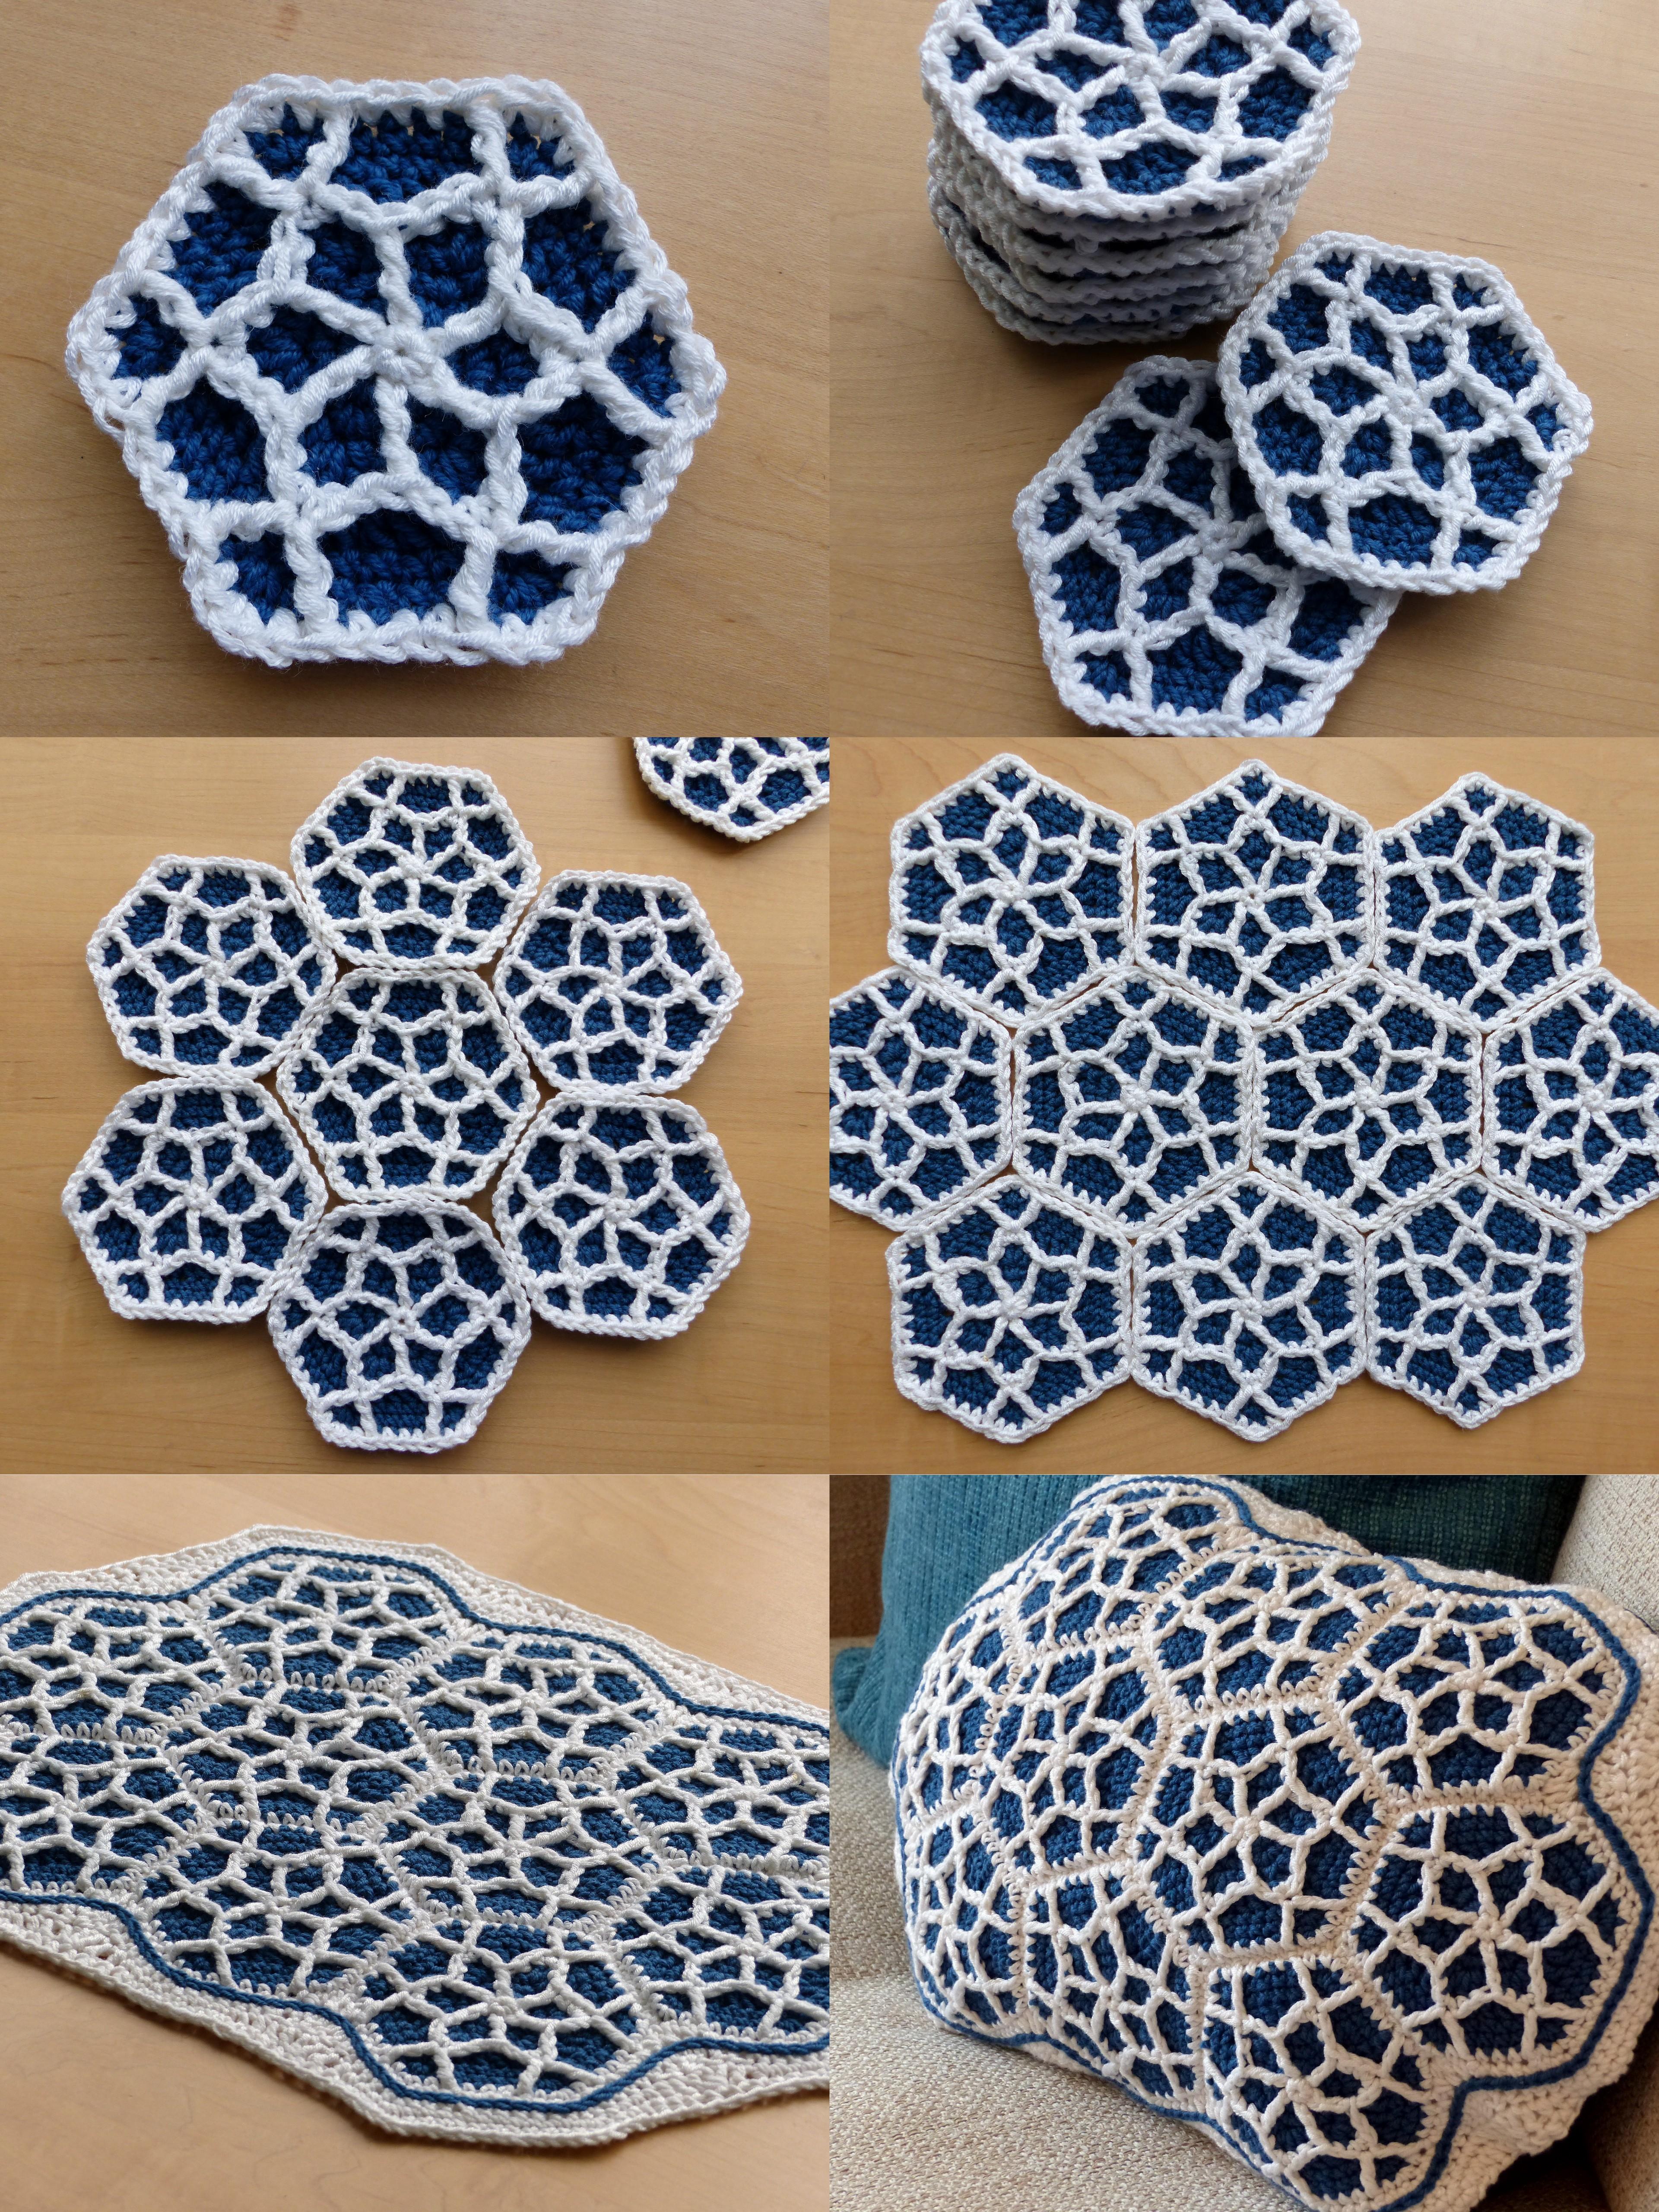 Moroccan Motif Cushion Make My Day Creative